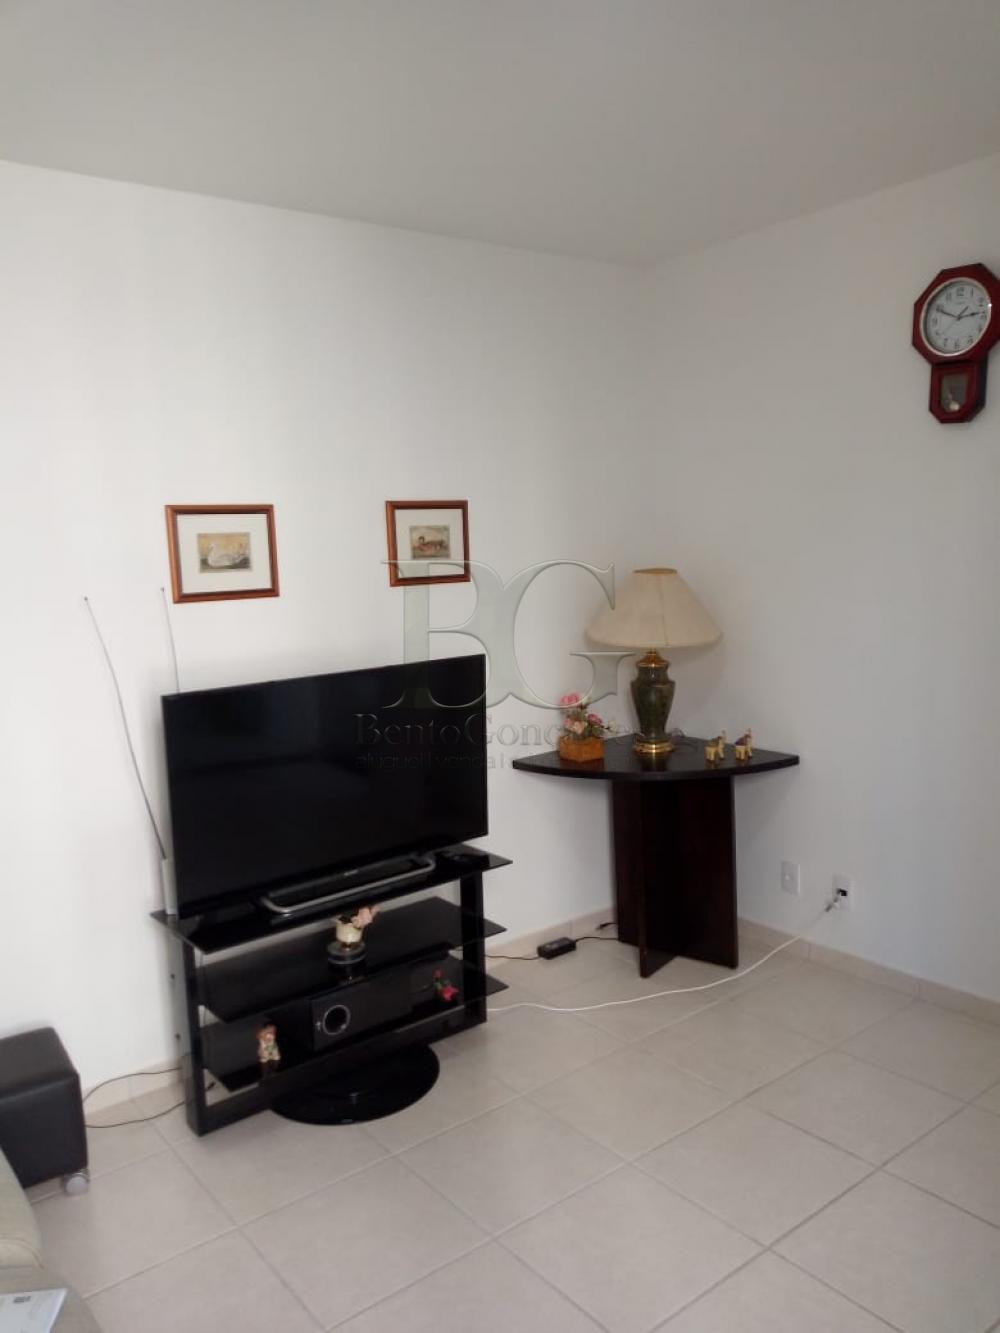 Comprar Apartamentos / Padrão em Poços de Caldas apenas R$ 148.000,00 - Foto 9